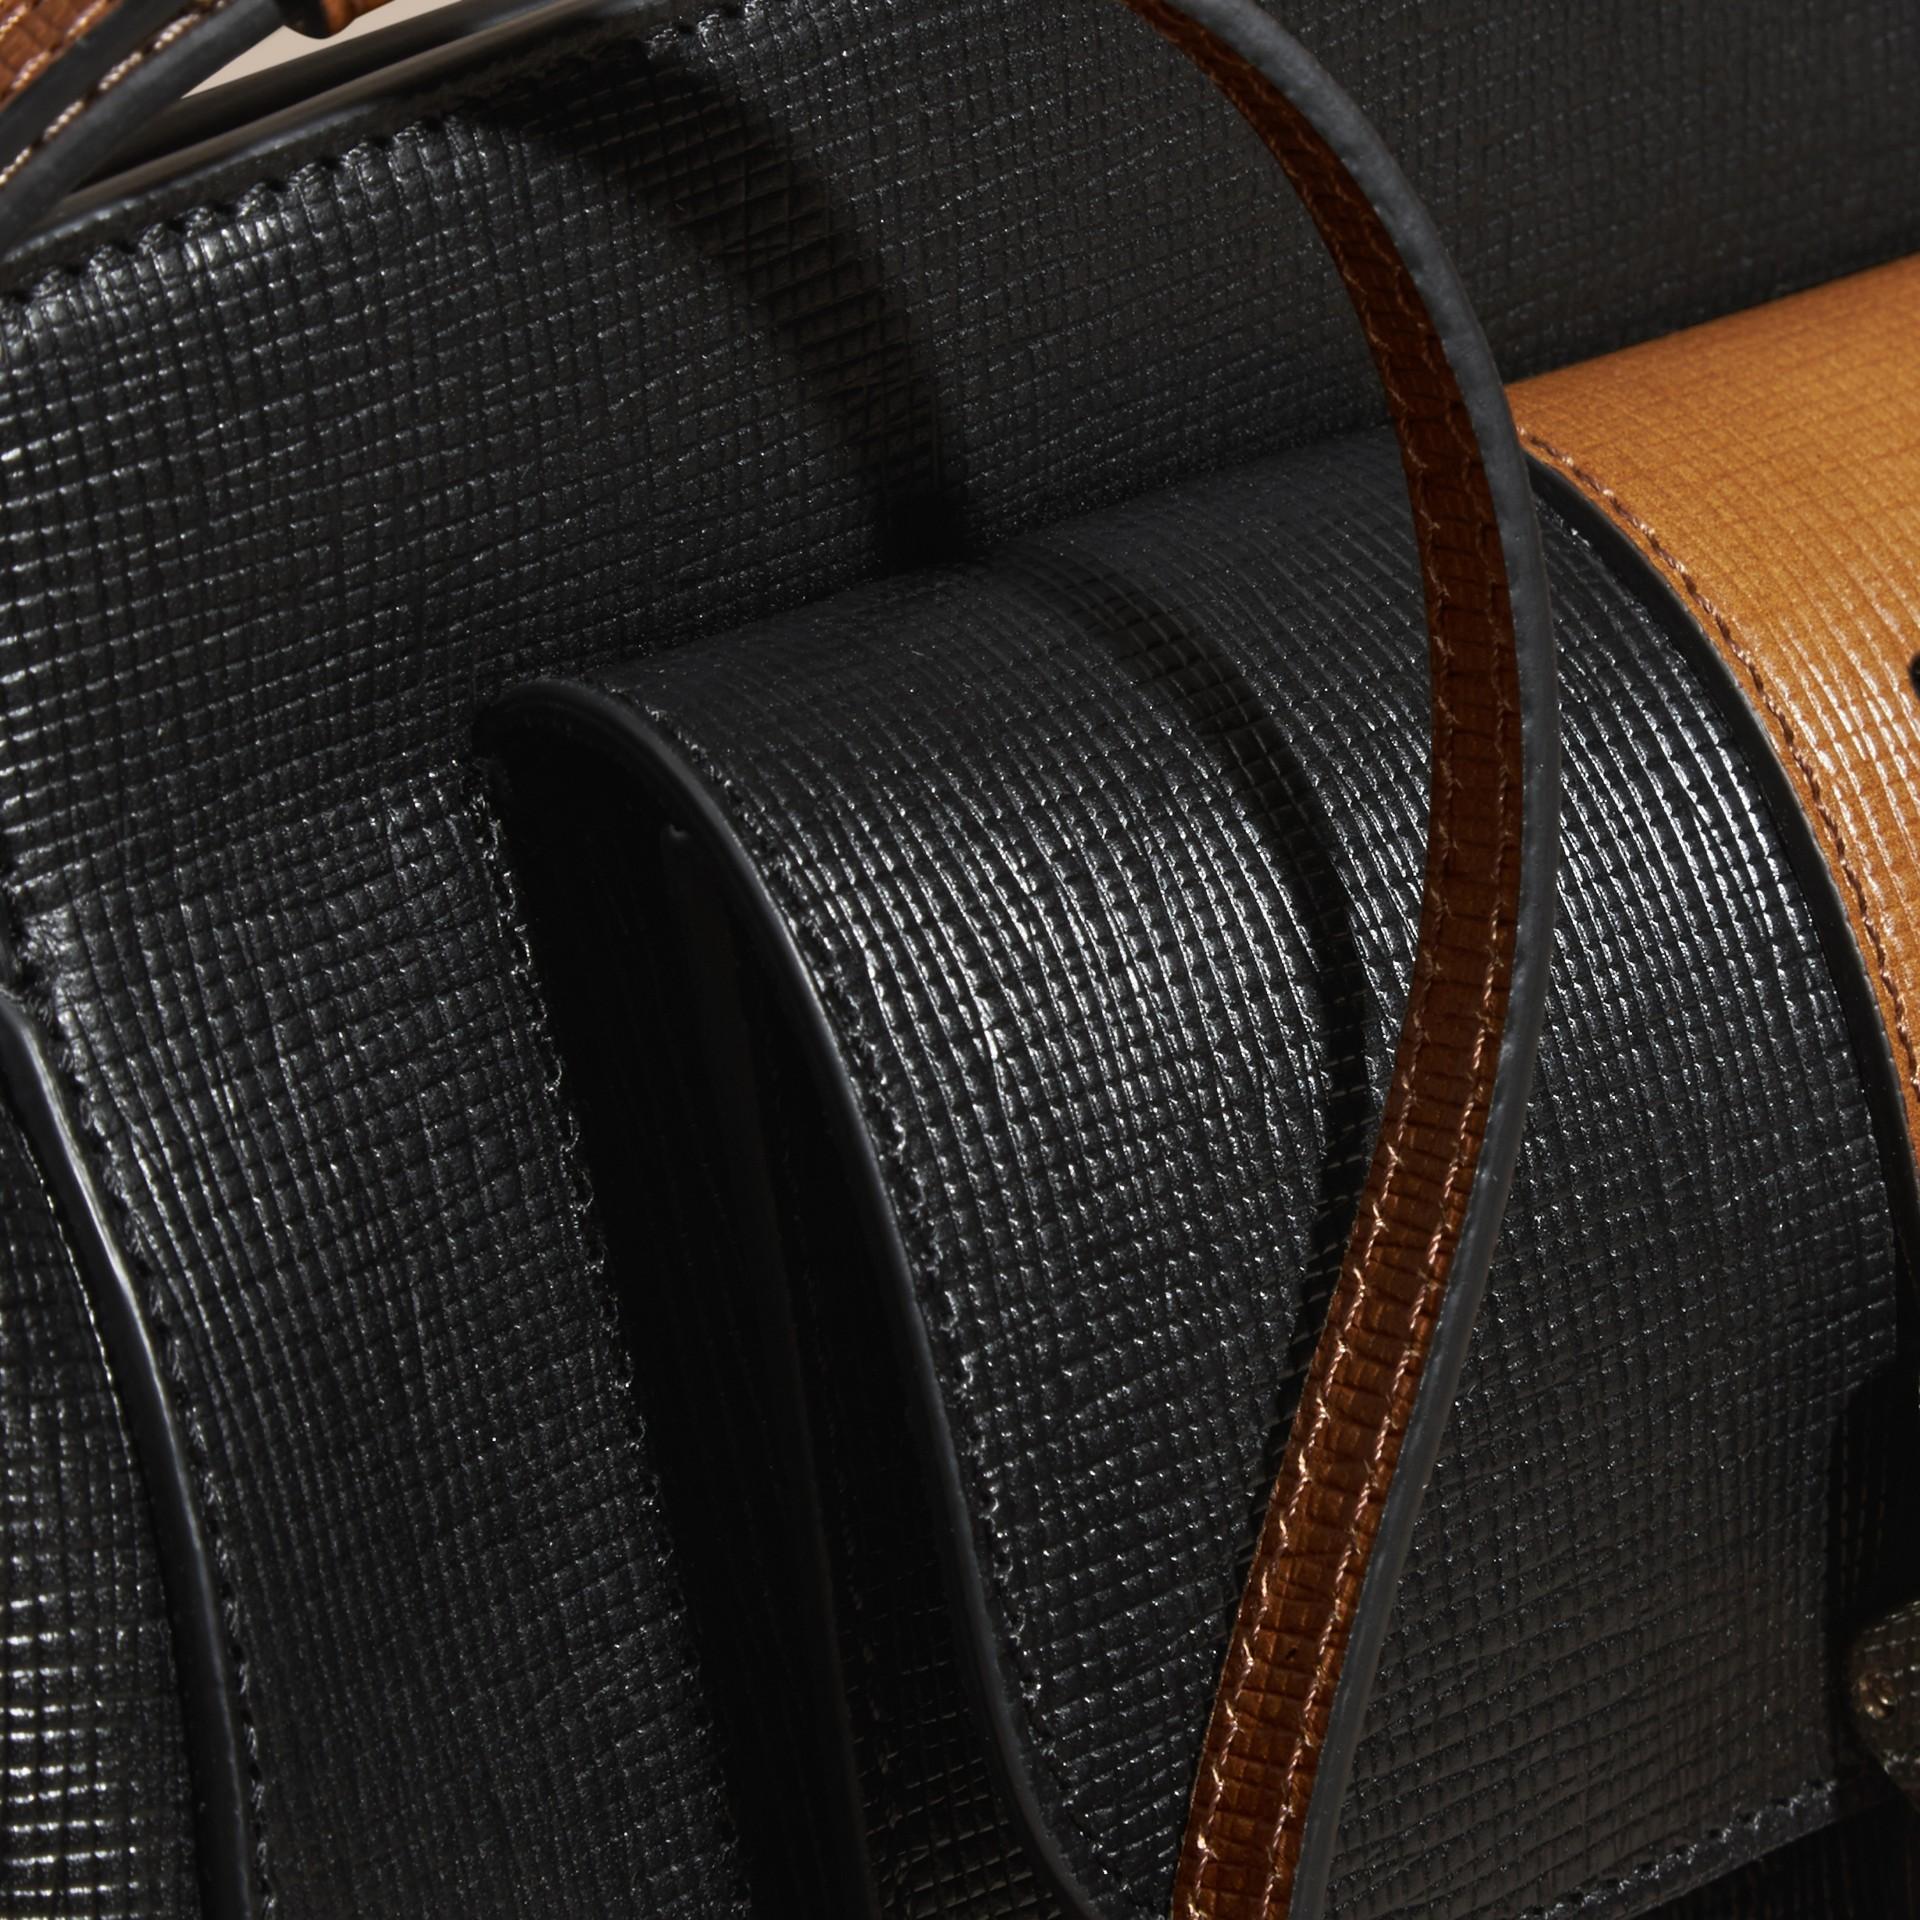 Preto Bolsa clutch Saddle de couro texturizado e aderido - galeria de imagens 2